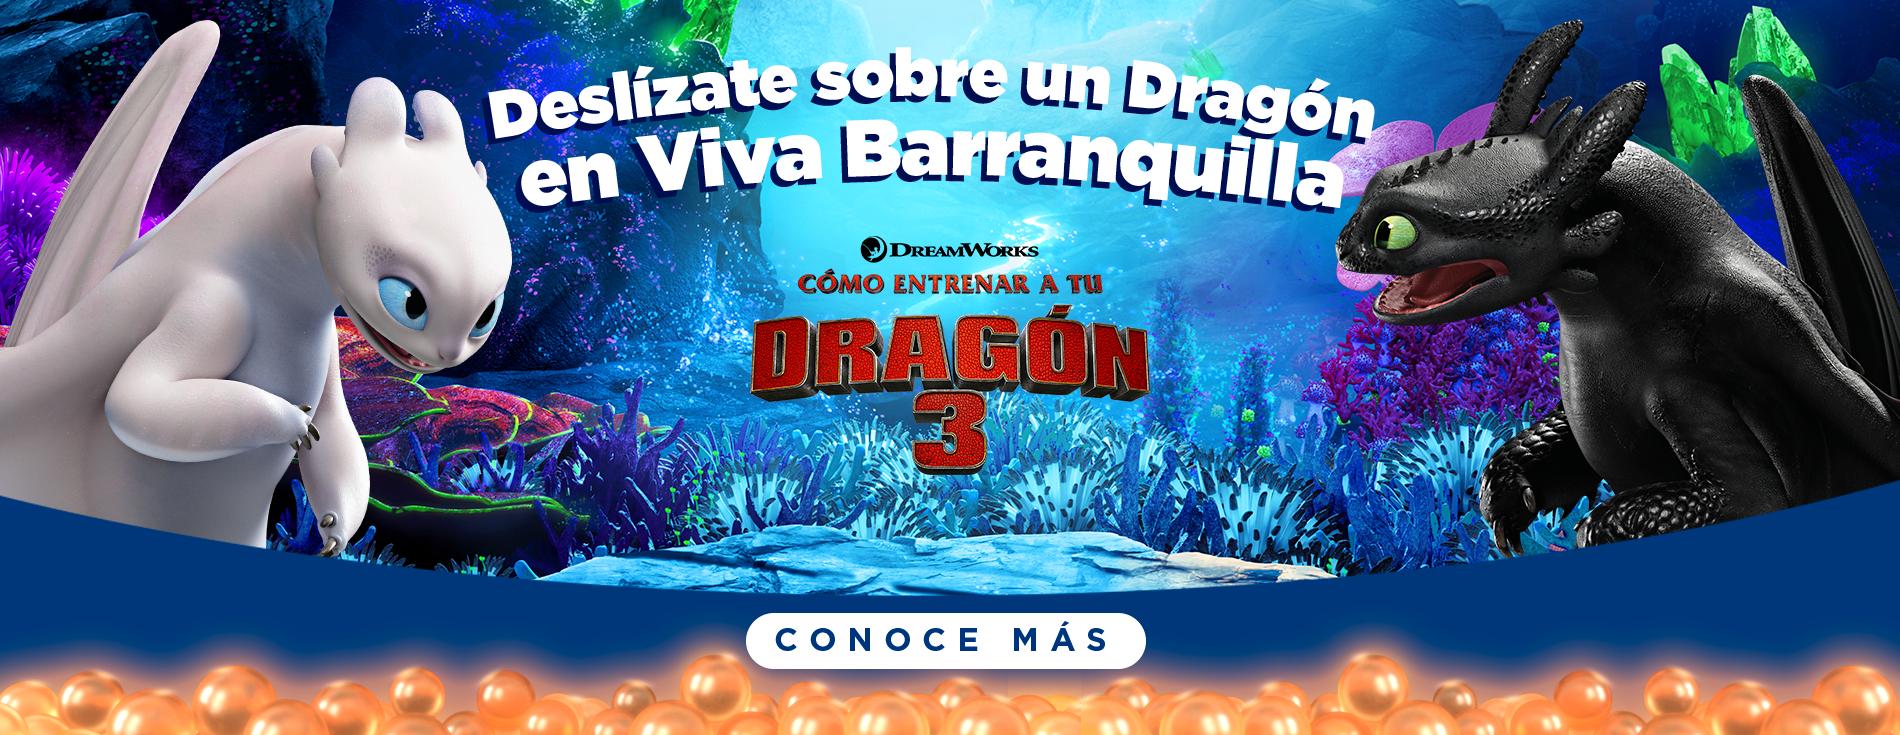 Cómo Entrenar a tu Dragón 3 - Barranquilla